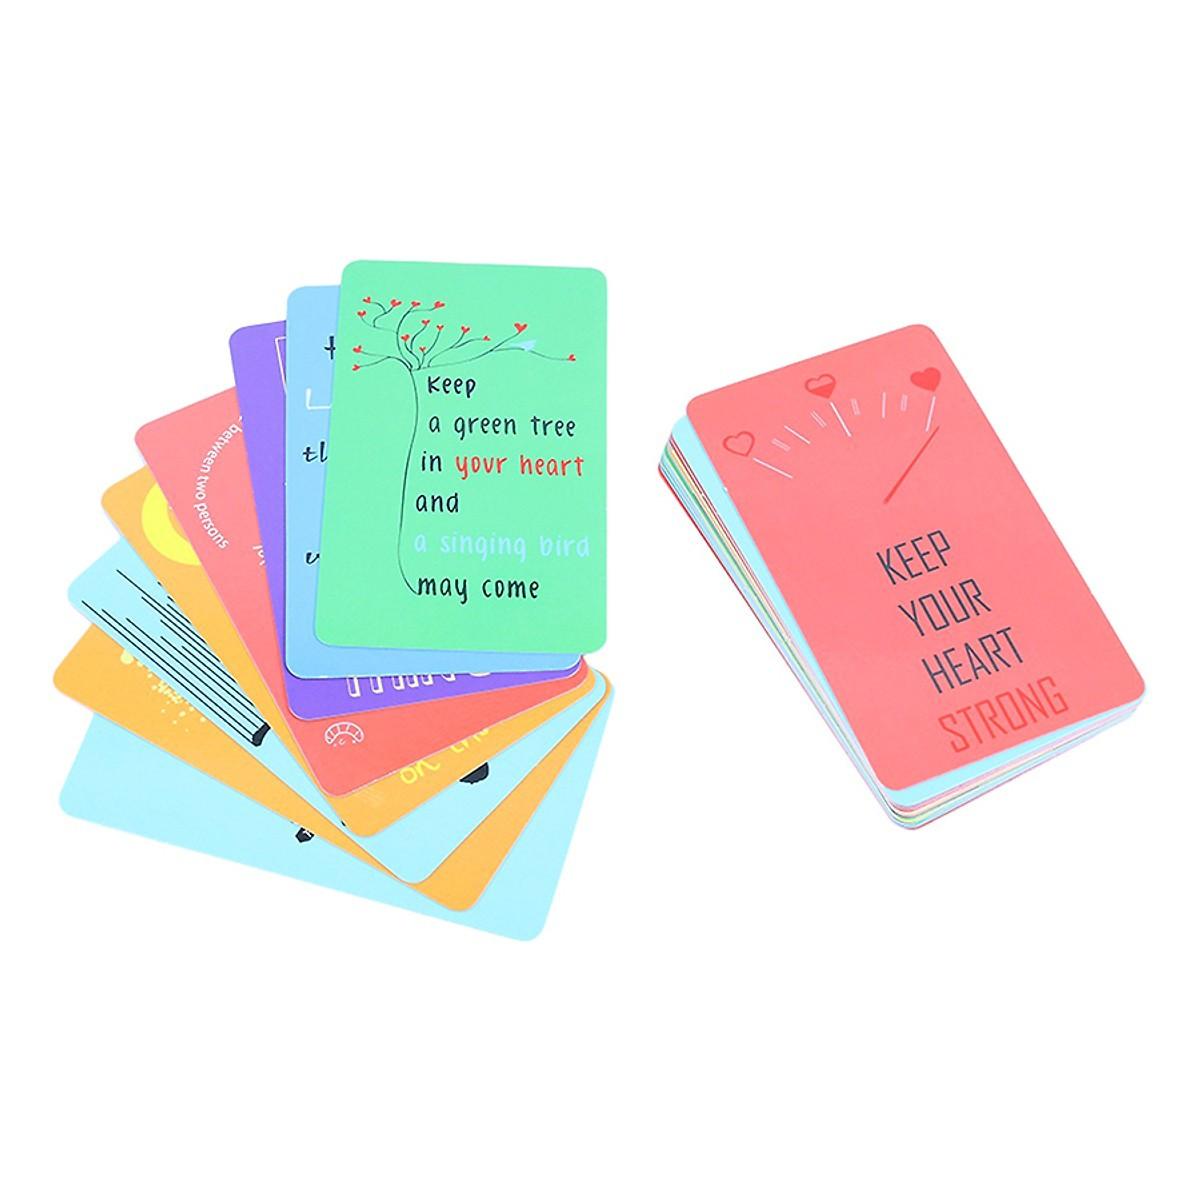 Combo Kỹ Năng Sống Dành Cho Tuổi Trẻ: Cà Phê Cùng Tony + Trên Đường Băng + Lối Sống Tối Giản Của Người Nhật + Tuổi Trẻ Đáng Giá Bao Nhiêu (Bộ 4 cuốn/ Tặng kèm Postcard Green Life)